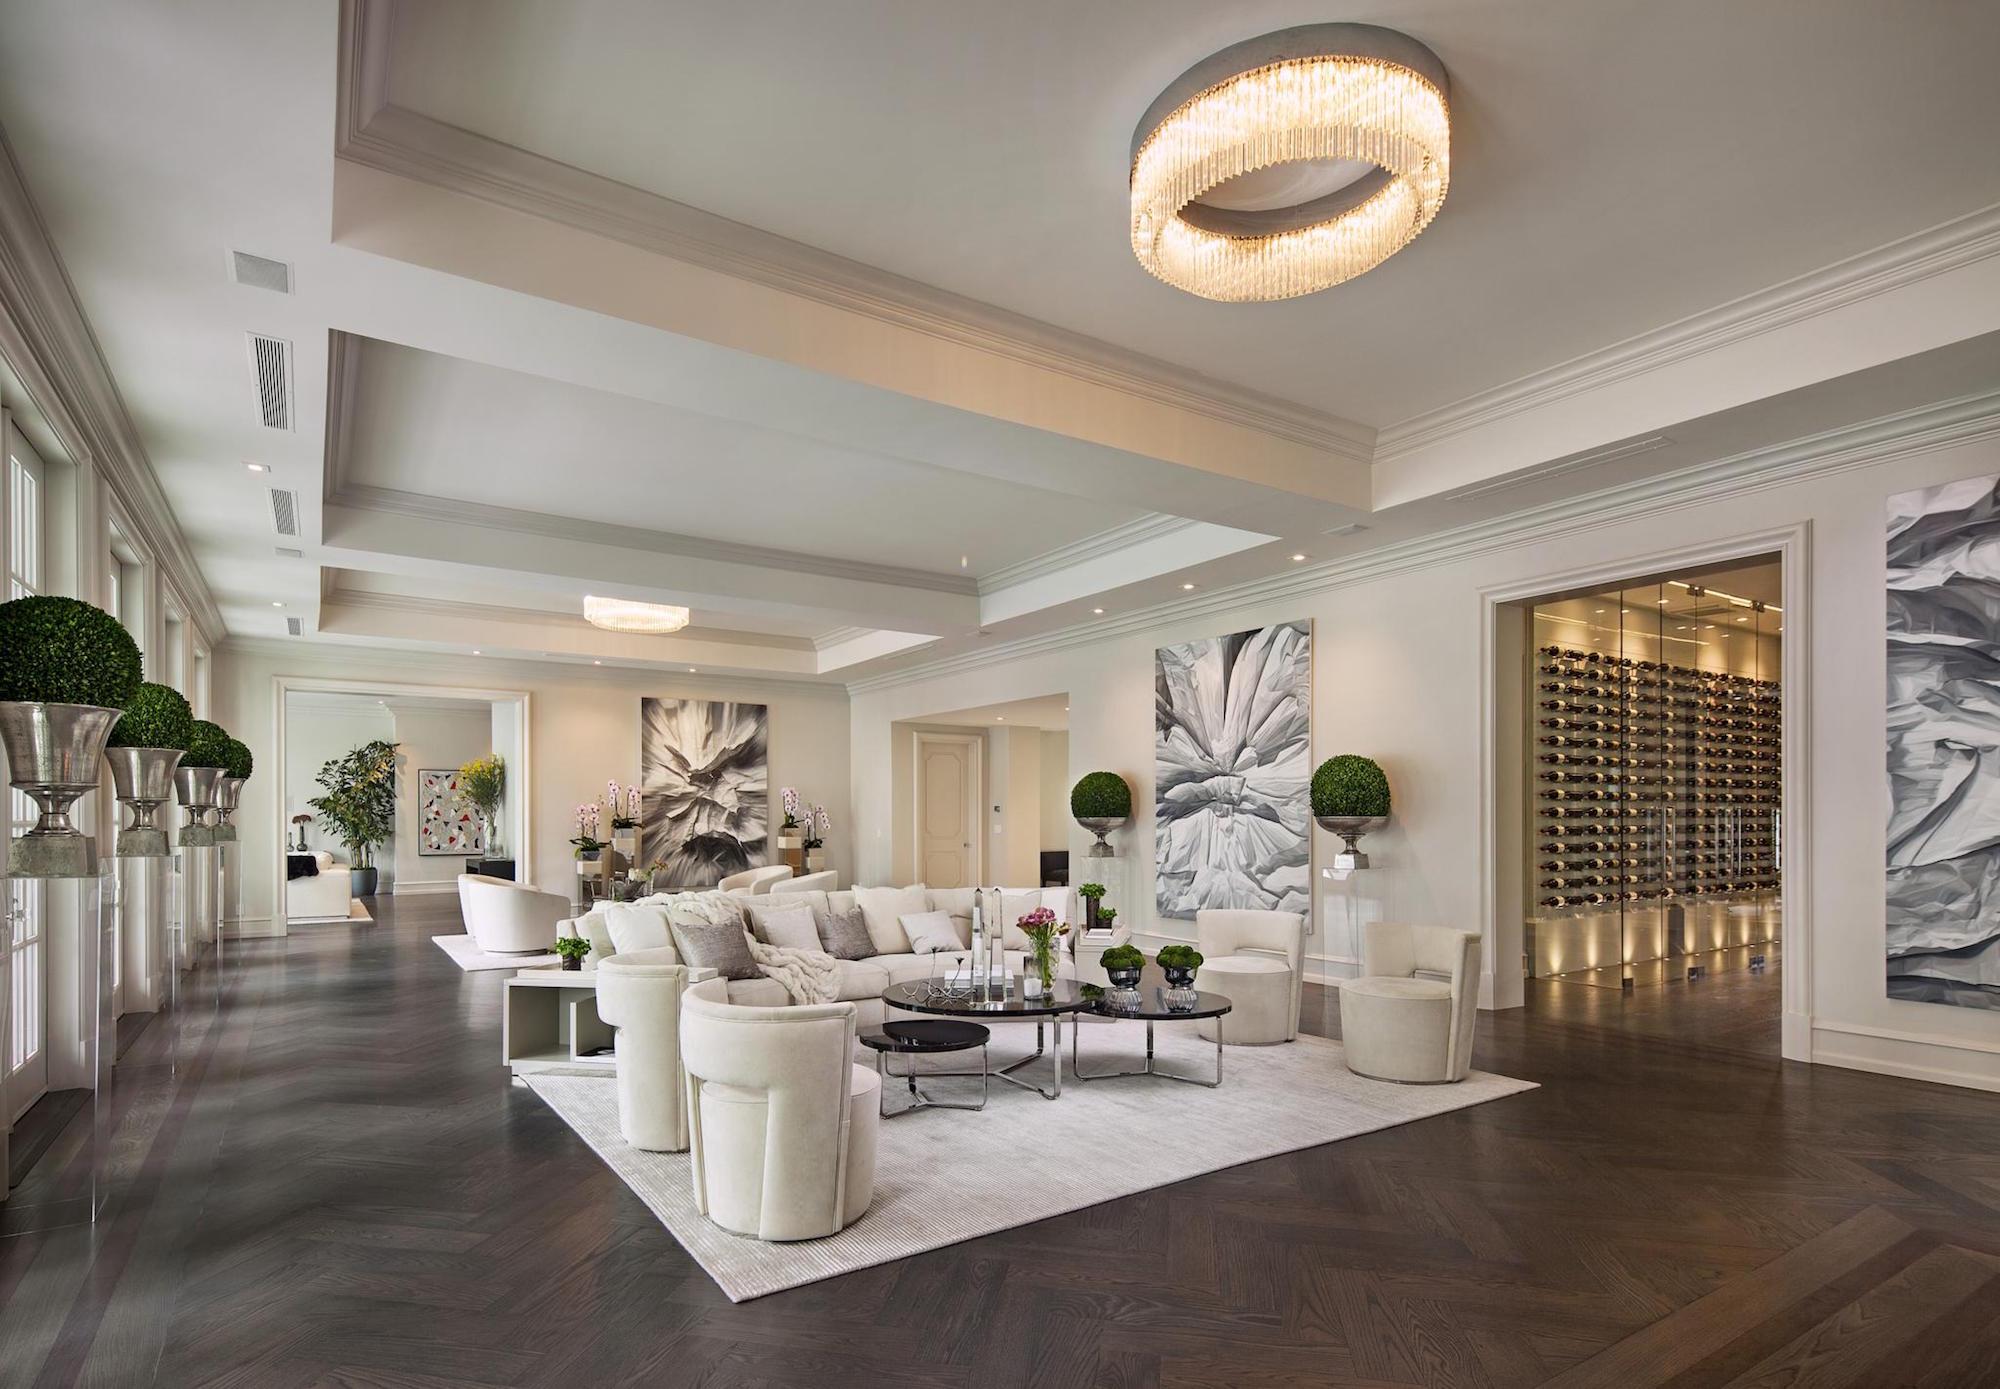 Das Beste für den Champ: Floyd Mayweather kauft Anwesen in Beverly Hills 3